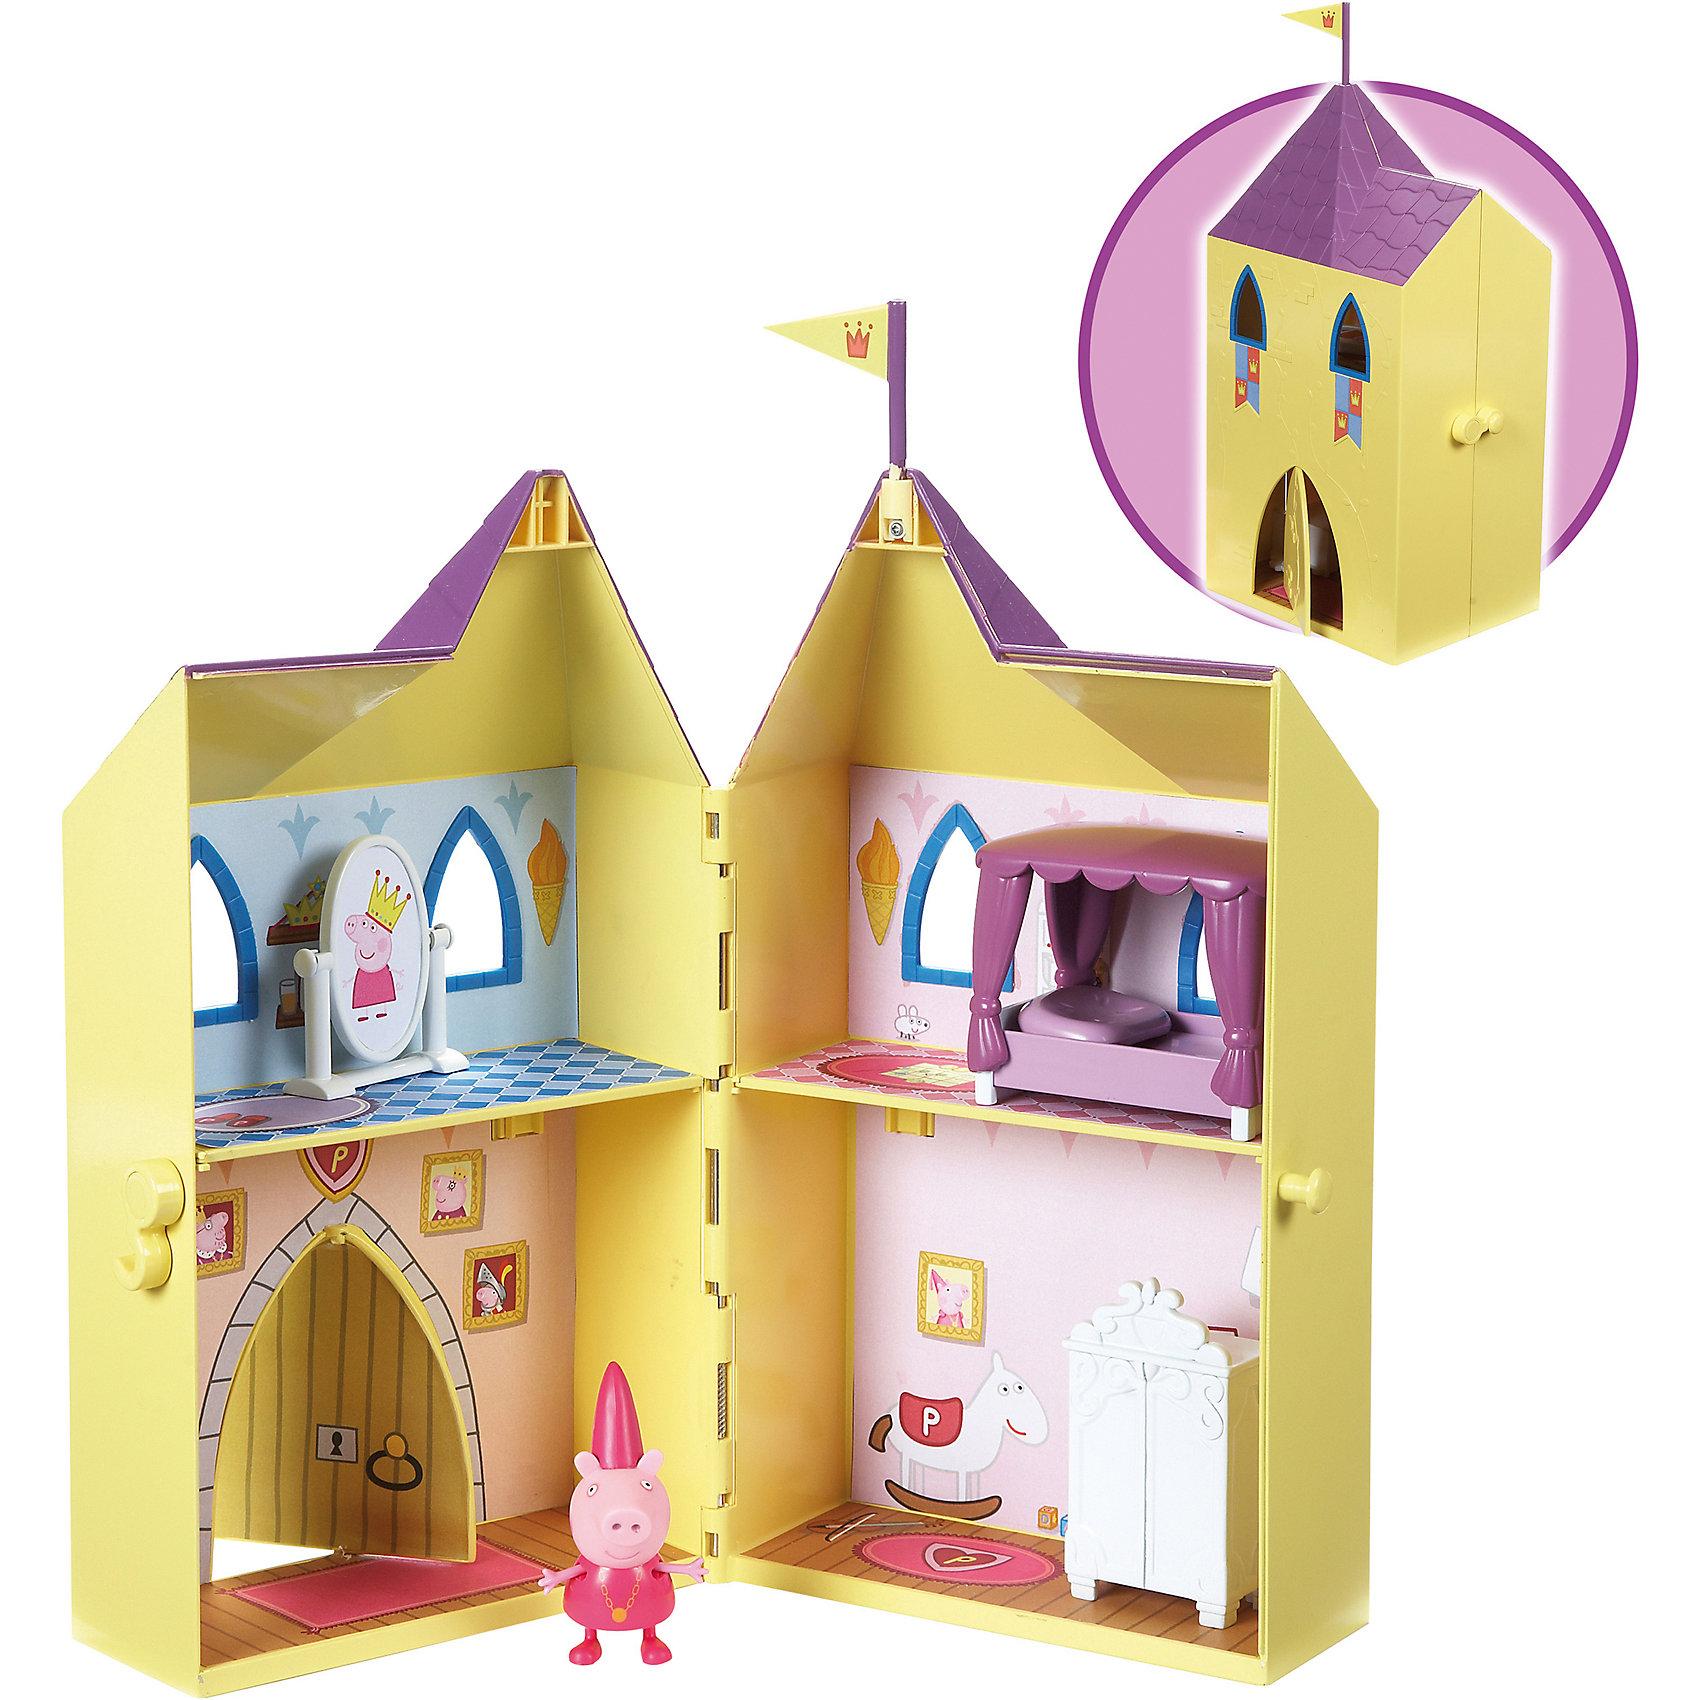 Игровой набор Замок принцессы, Свинка ПеппаИгрушки<br>Игровой набор Замок принцессы, Свинка Пеппа<br><br>Коллекция игрушек Peppa Pig создана на основе мультипликационного фильма про веселые приключения Свинки  Пеппы и ее семьи и друзей. <br><br>В наборе: секретная башня принцессы Пеппы раскрывающийся, мебель (шкаф, зеркало, кровать) и фигурка Пеппы. <br>Упаковка - коробка с окном.<br><br>Игровой набор Замок принцессы, Свинка Пеппа можно купить в нашем интернет - магазине.<br><br>Ширина мм: 320<br>Глубина мм: 202<br>Высота мм: 140<br>Вес г: 750<br>Возраст от месяцев: 36<br>Возраст до месяцев: 72<br>Пол: Женский<br>Возраст: Детский<br>SKU: 3458425